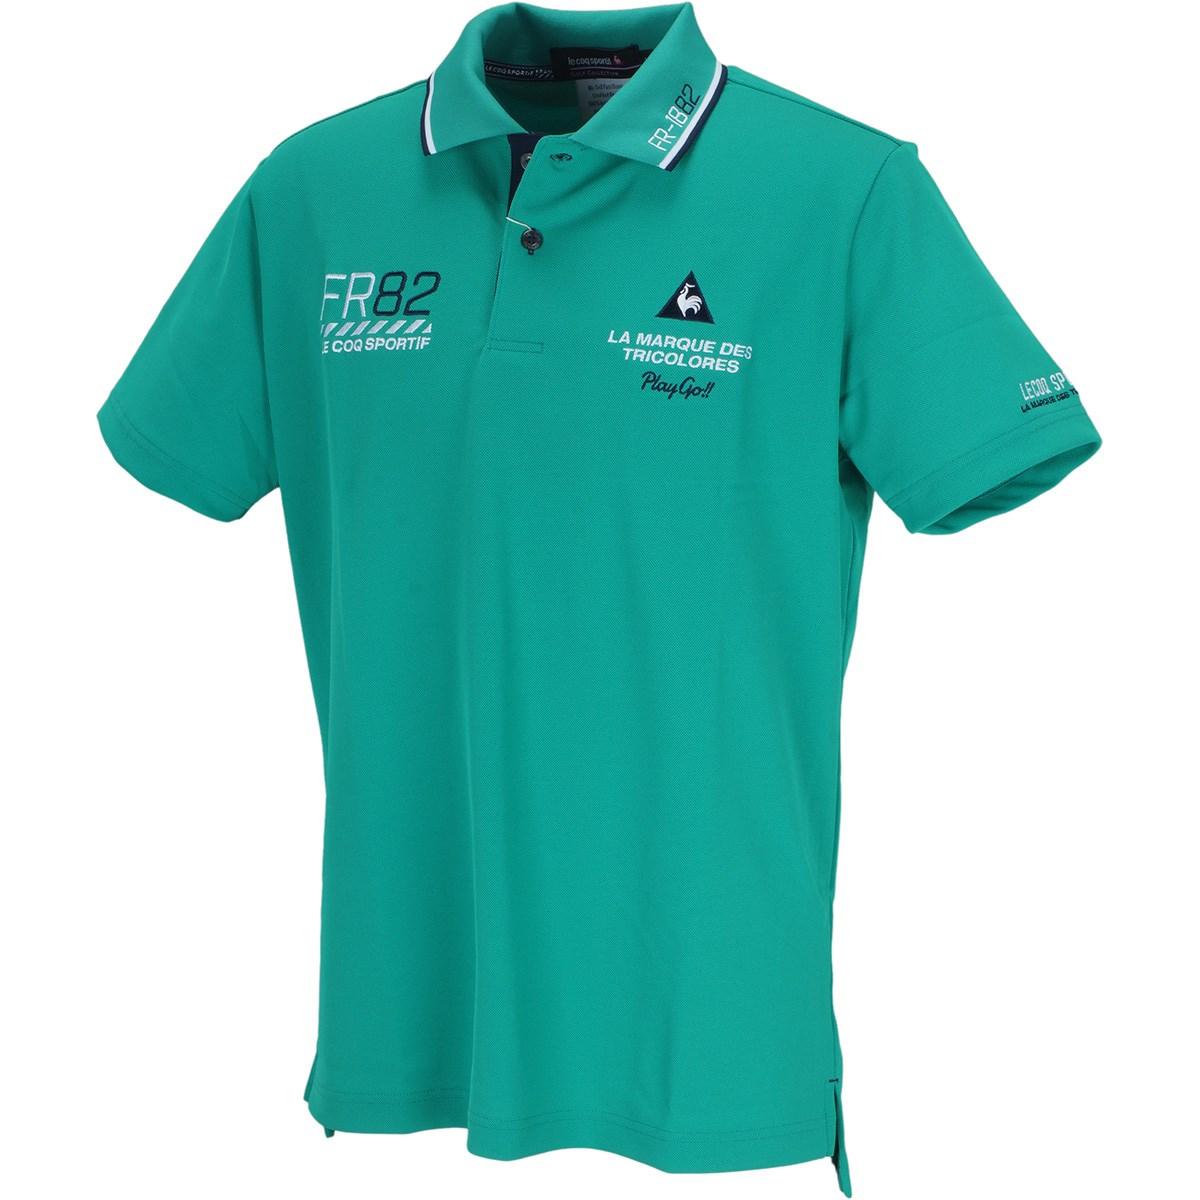 ルコックゴルフ ドライ鹿の子シーズンマーキング 半袖ポロシャツ